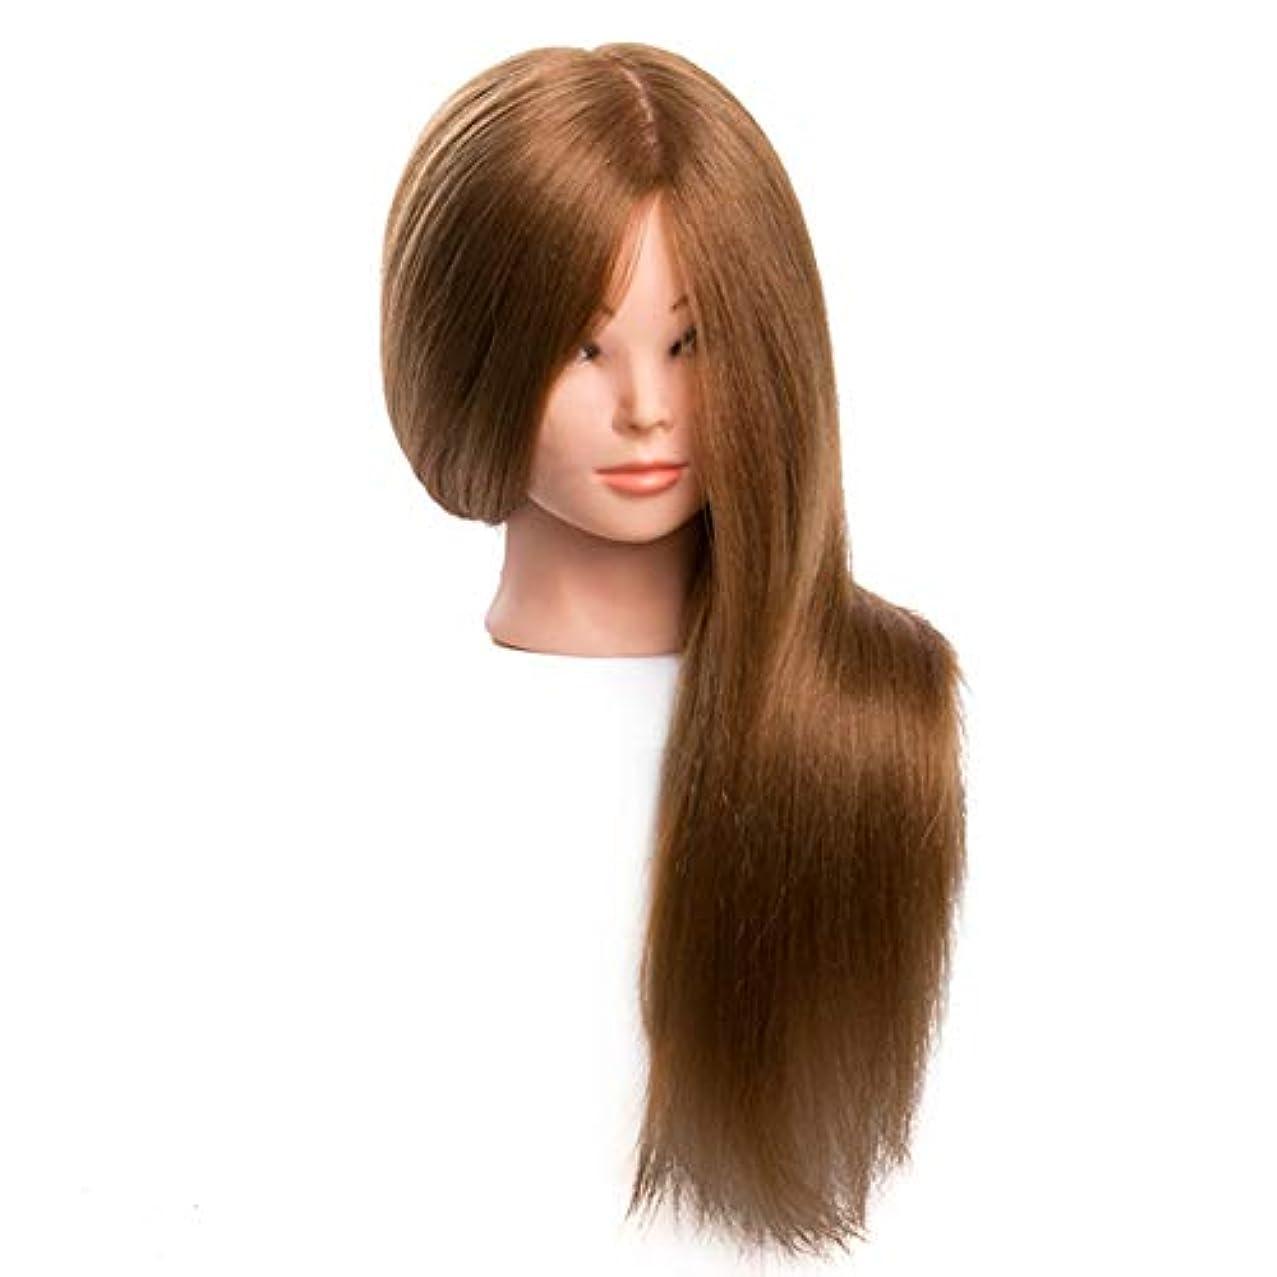 ジェームズダイソン落ち込んでいる薄暗いサロンエクササイズヘッド金型メイクディスクヘアスタイリング編組ティーチングダミーヘッド理髪ヘアカットトレーニングかつら3個